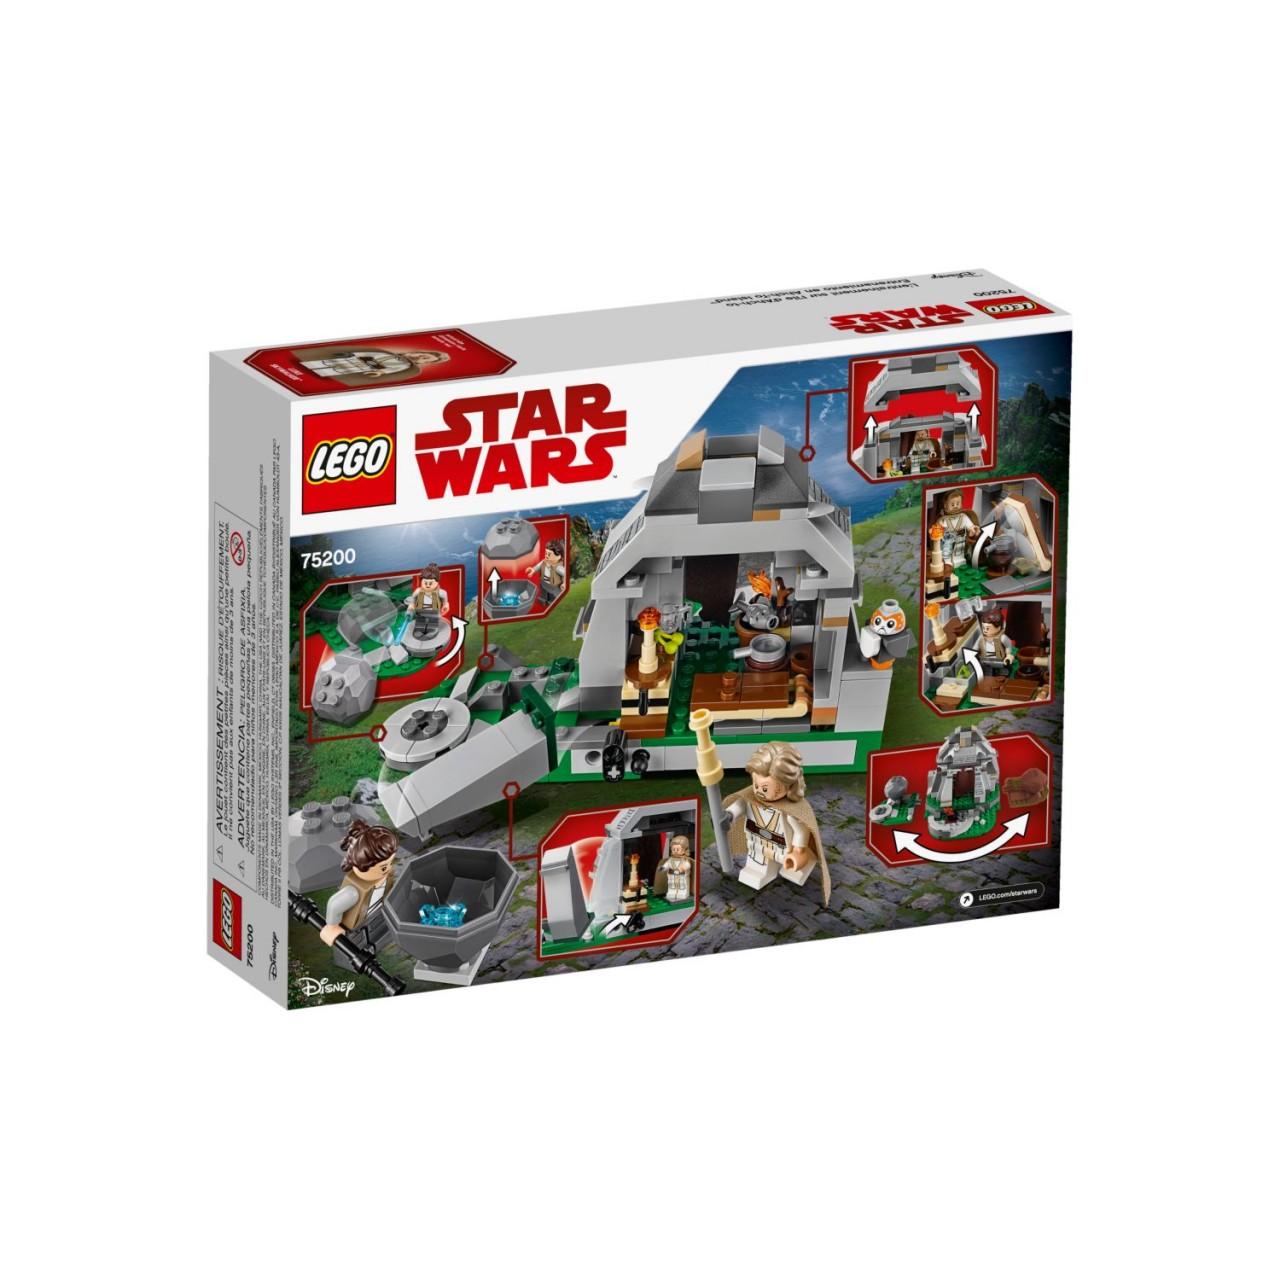 LEGO STAR WARS 75200 Ahch-To Island Training